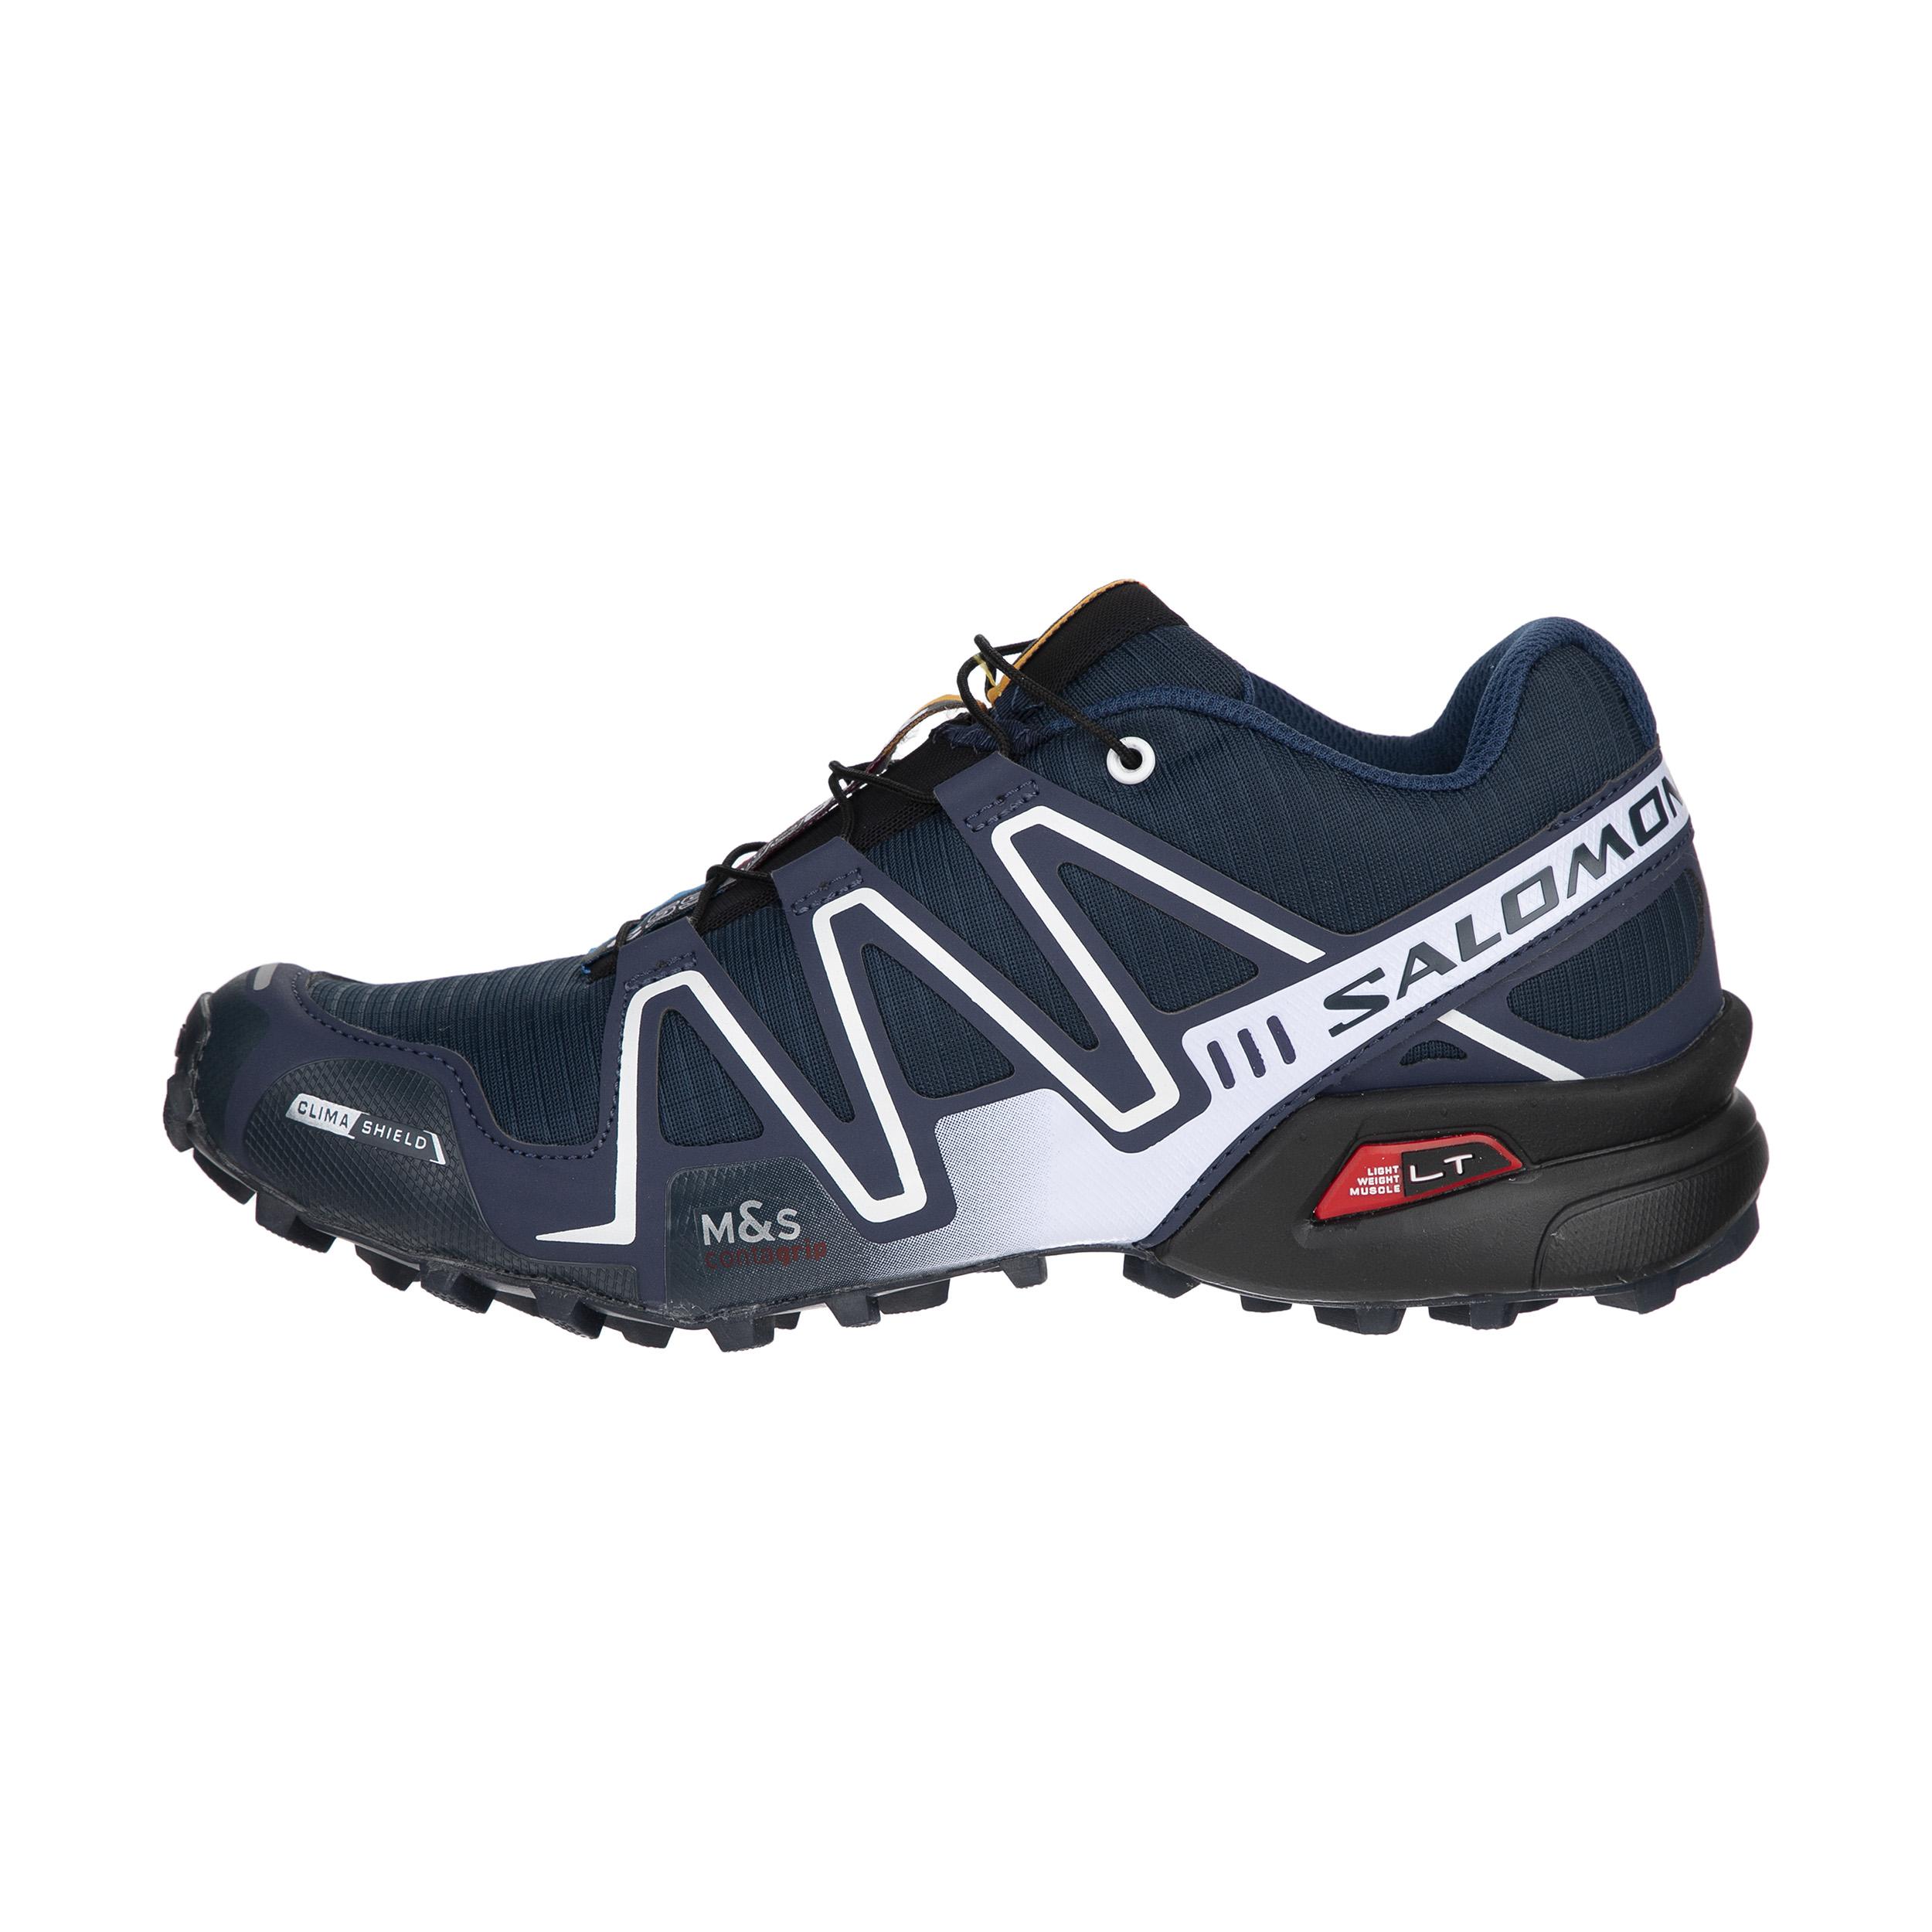 قیمت کفش مخصوص دویدن مردانه مدل Speed Cross Mnw